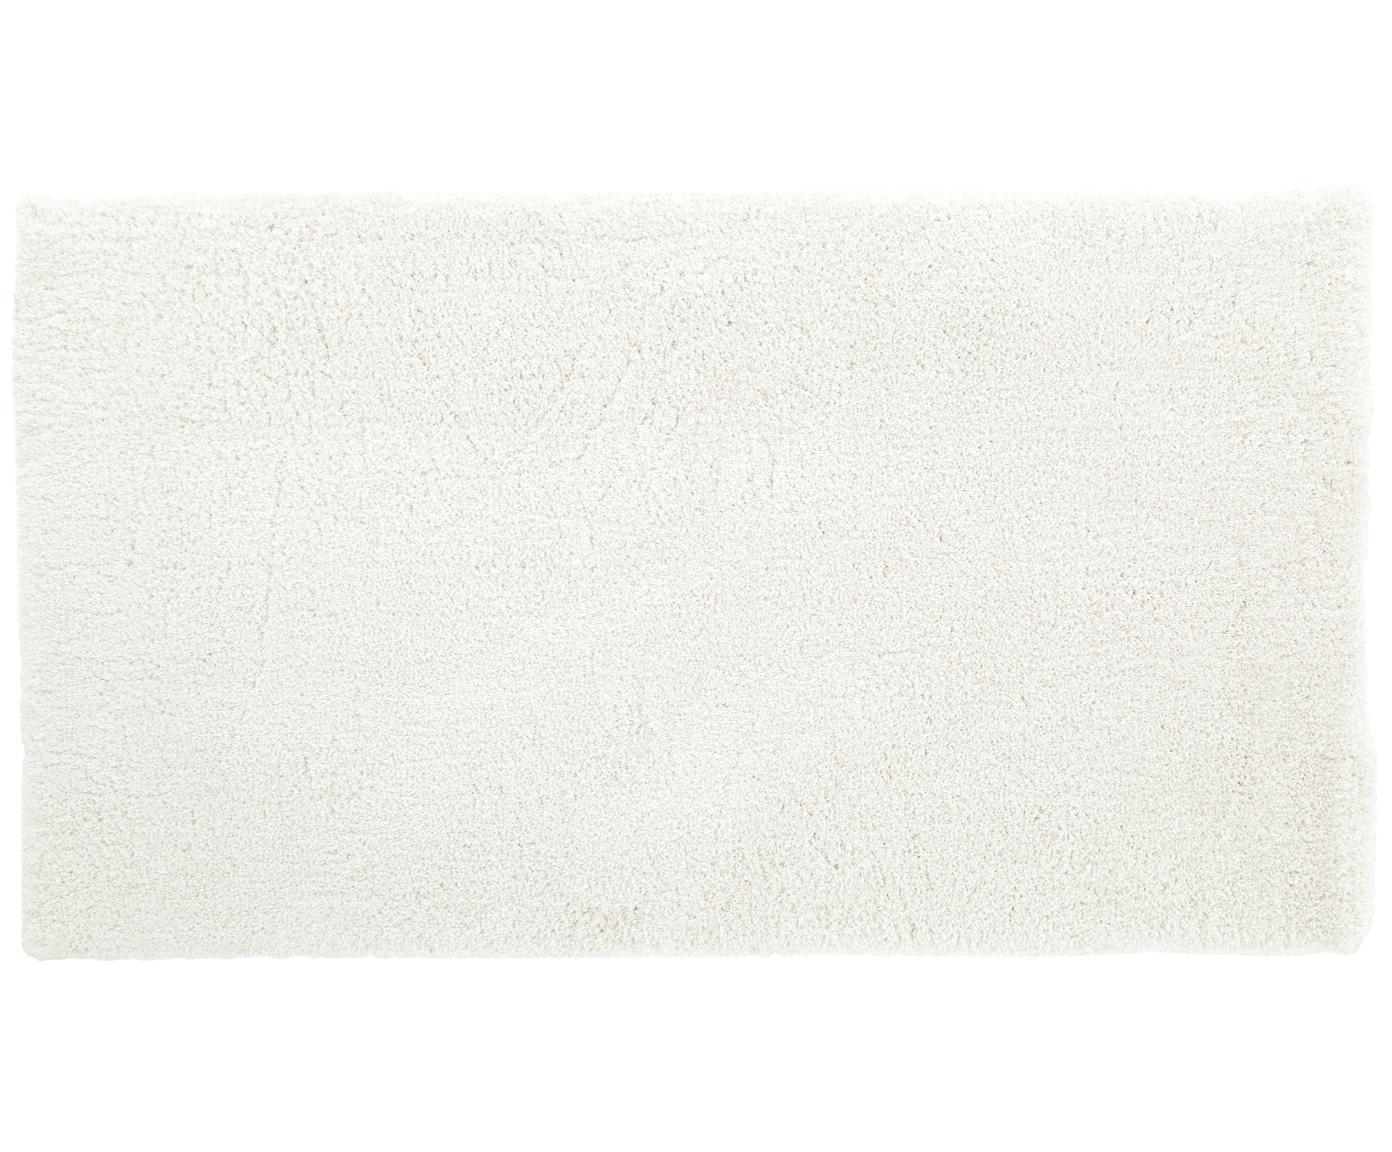 Tappeto peloso morbido color crema Leighton, Retro: 100% poliestere, Crema, Larg. 80 x Lung. 150 cm (taglia XS)